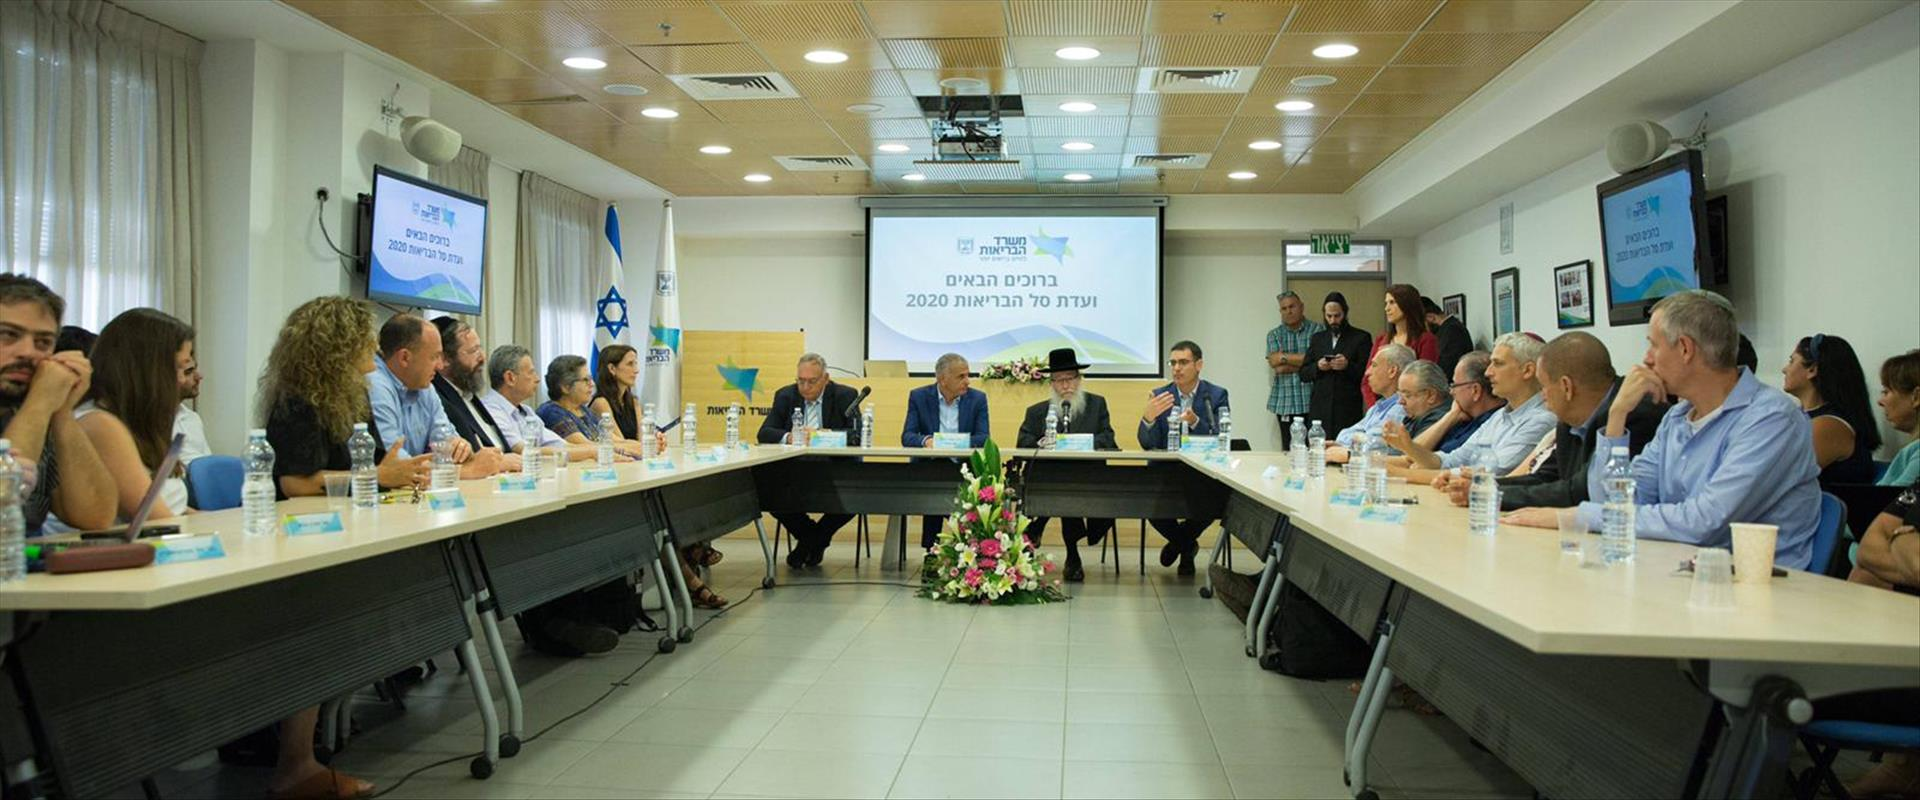 ישיבת הוועדה הציבורית להרחבת סל שירותי הבריאות